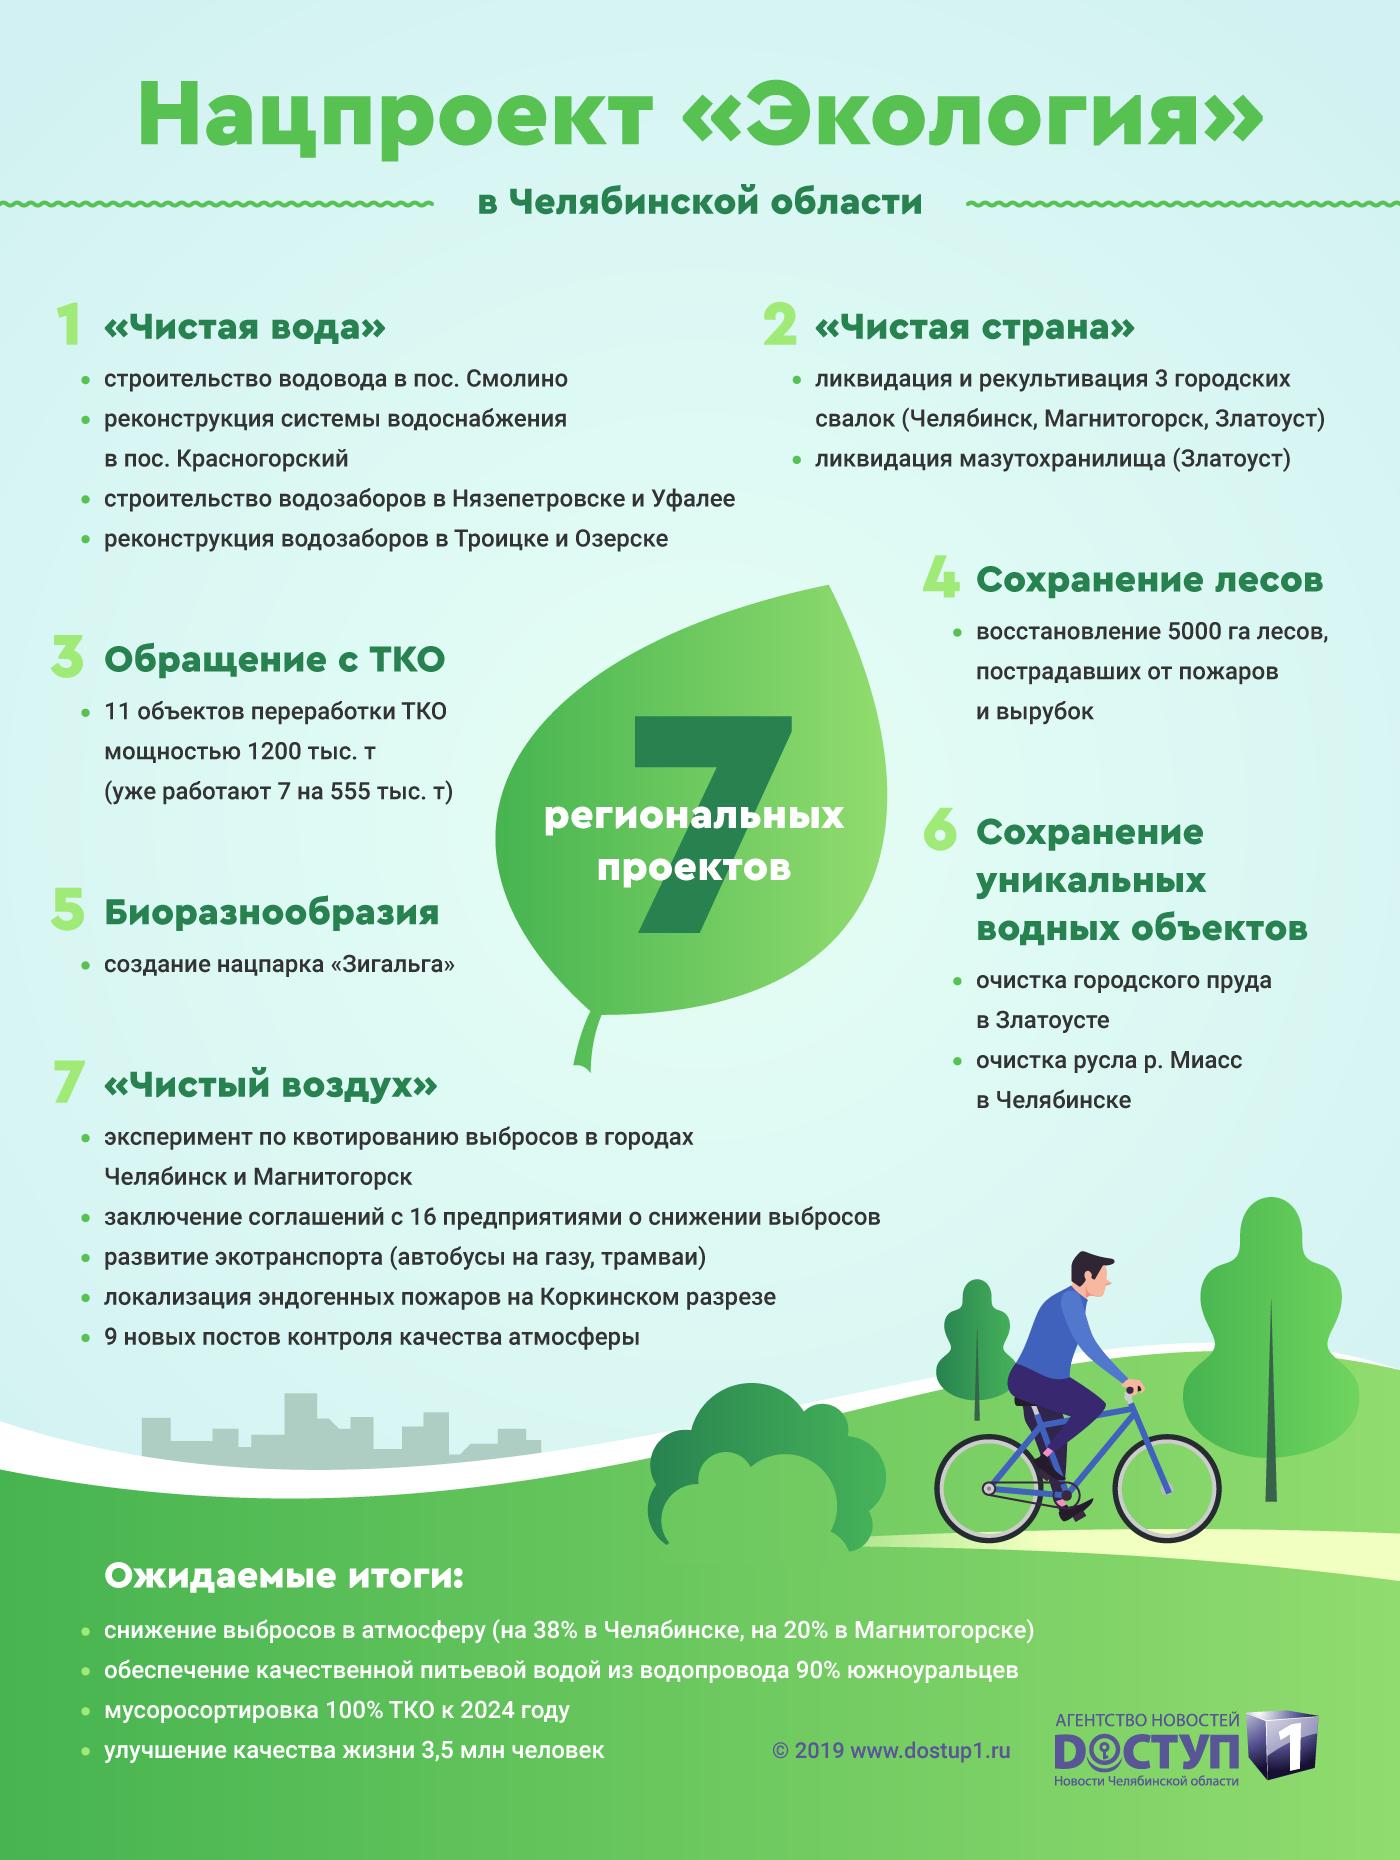 Ключевой нацпроект для Челябинской области – «Экология»